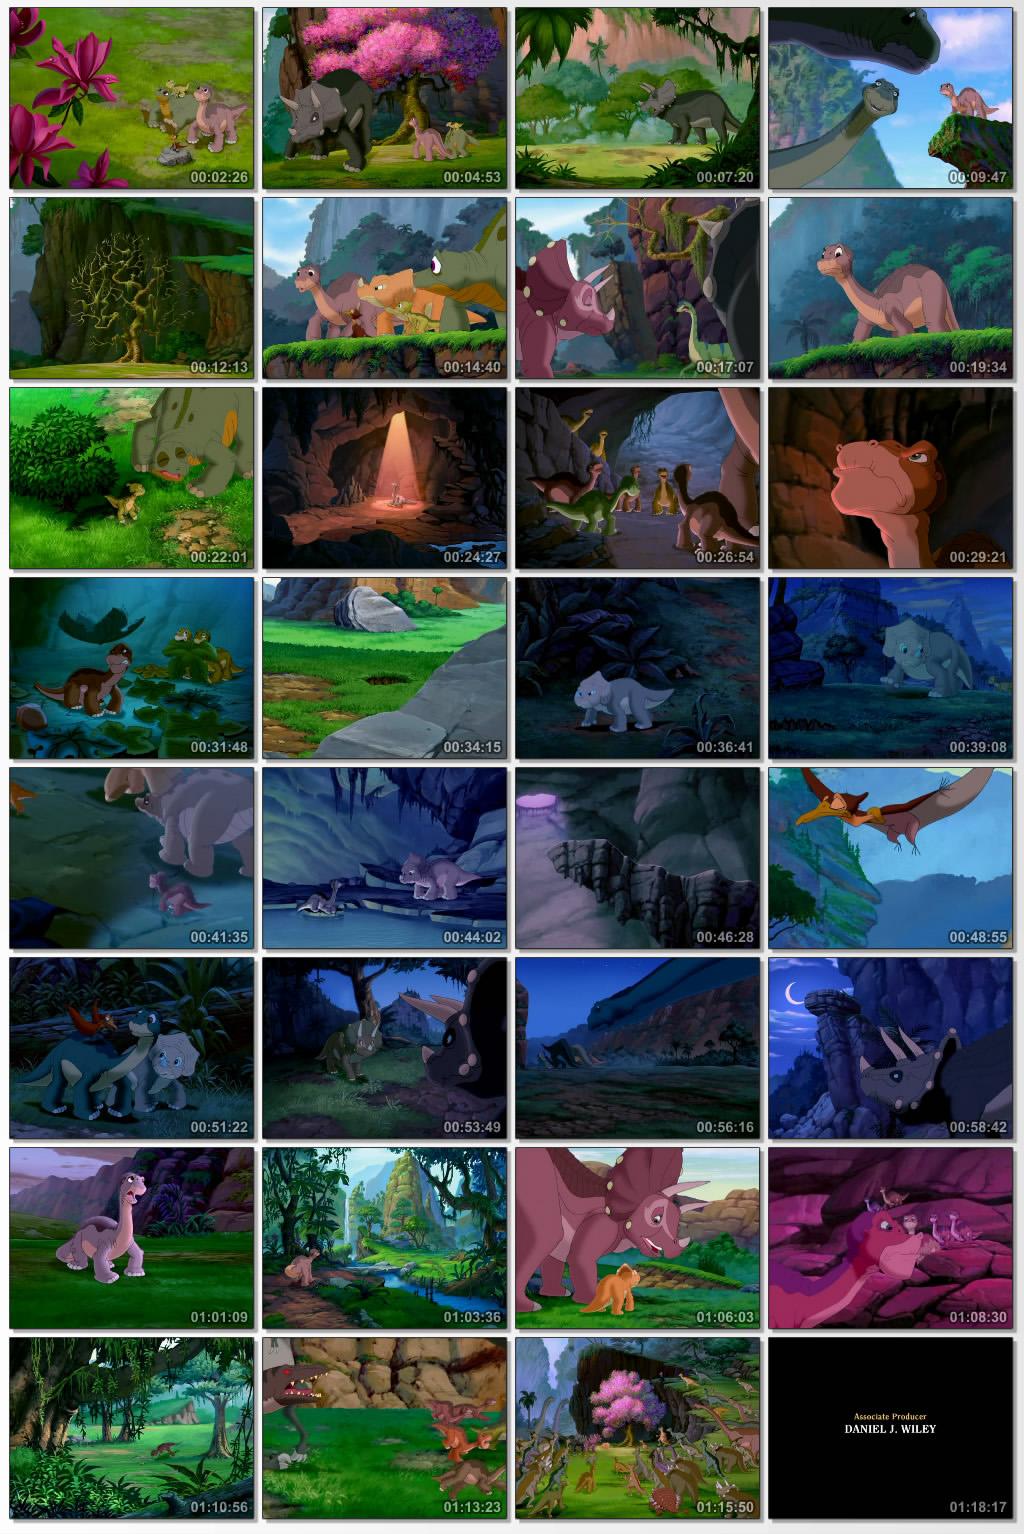 دانلود انیمیشن کارتونی The Land Before Time 11 2005